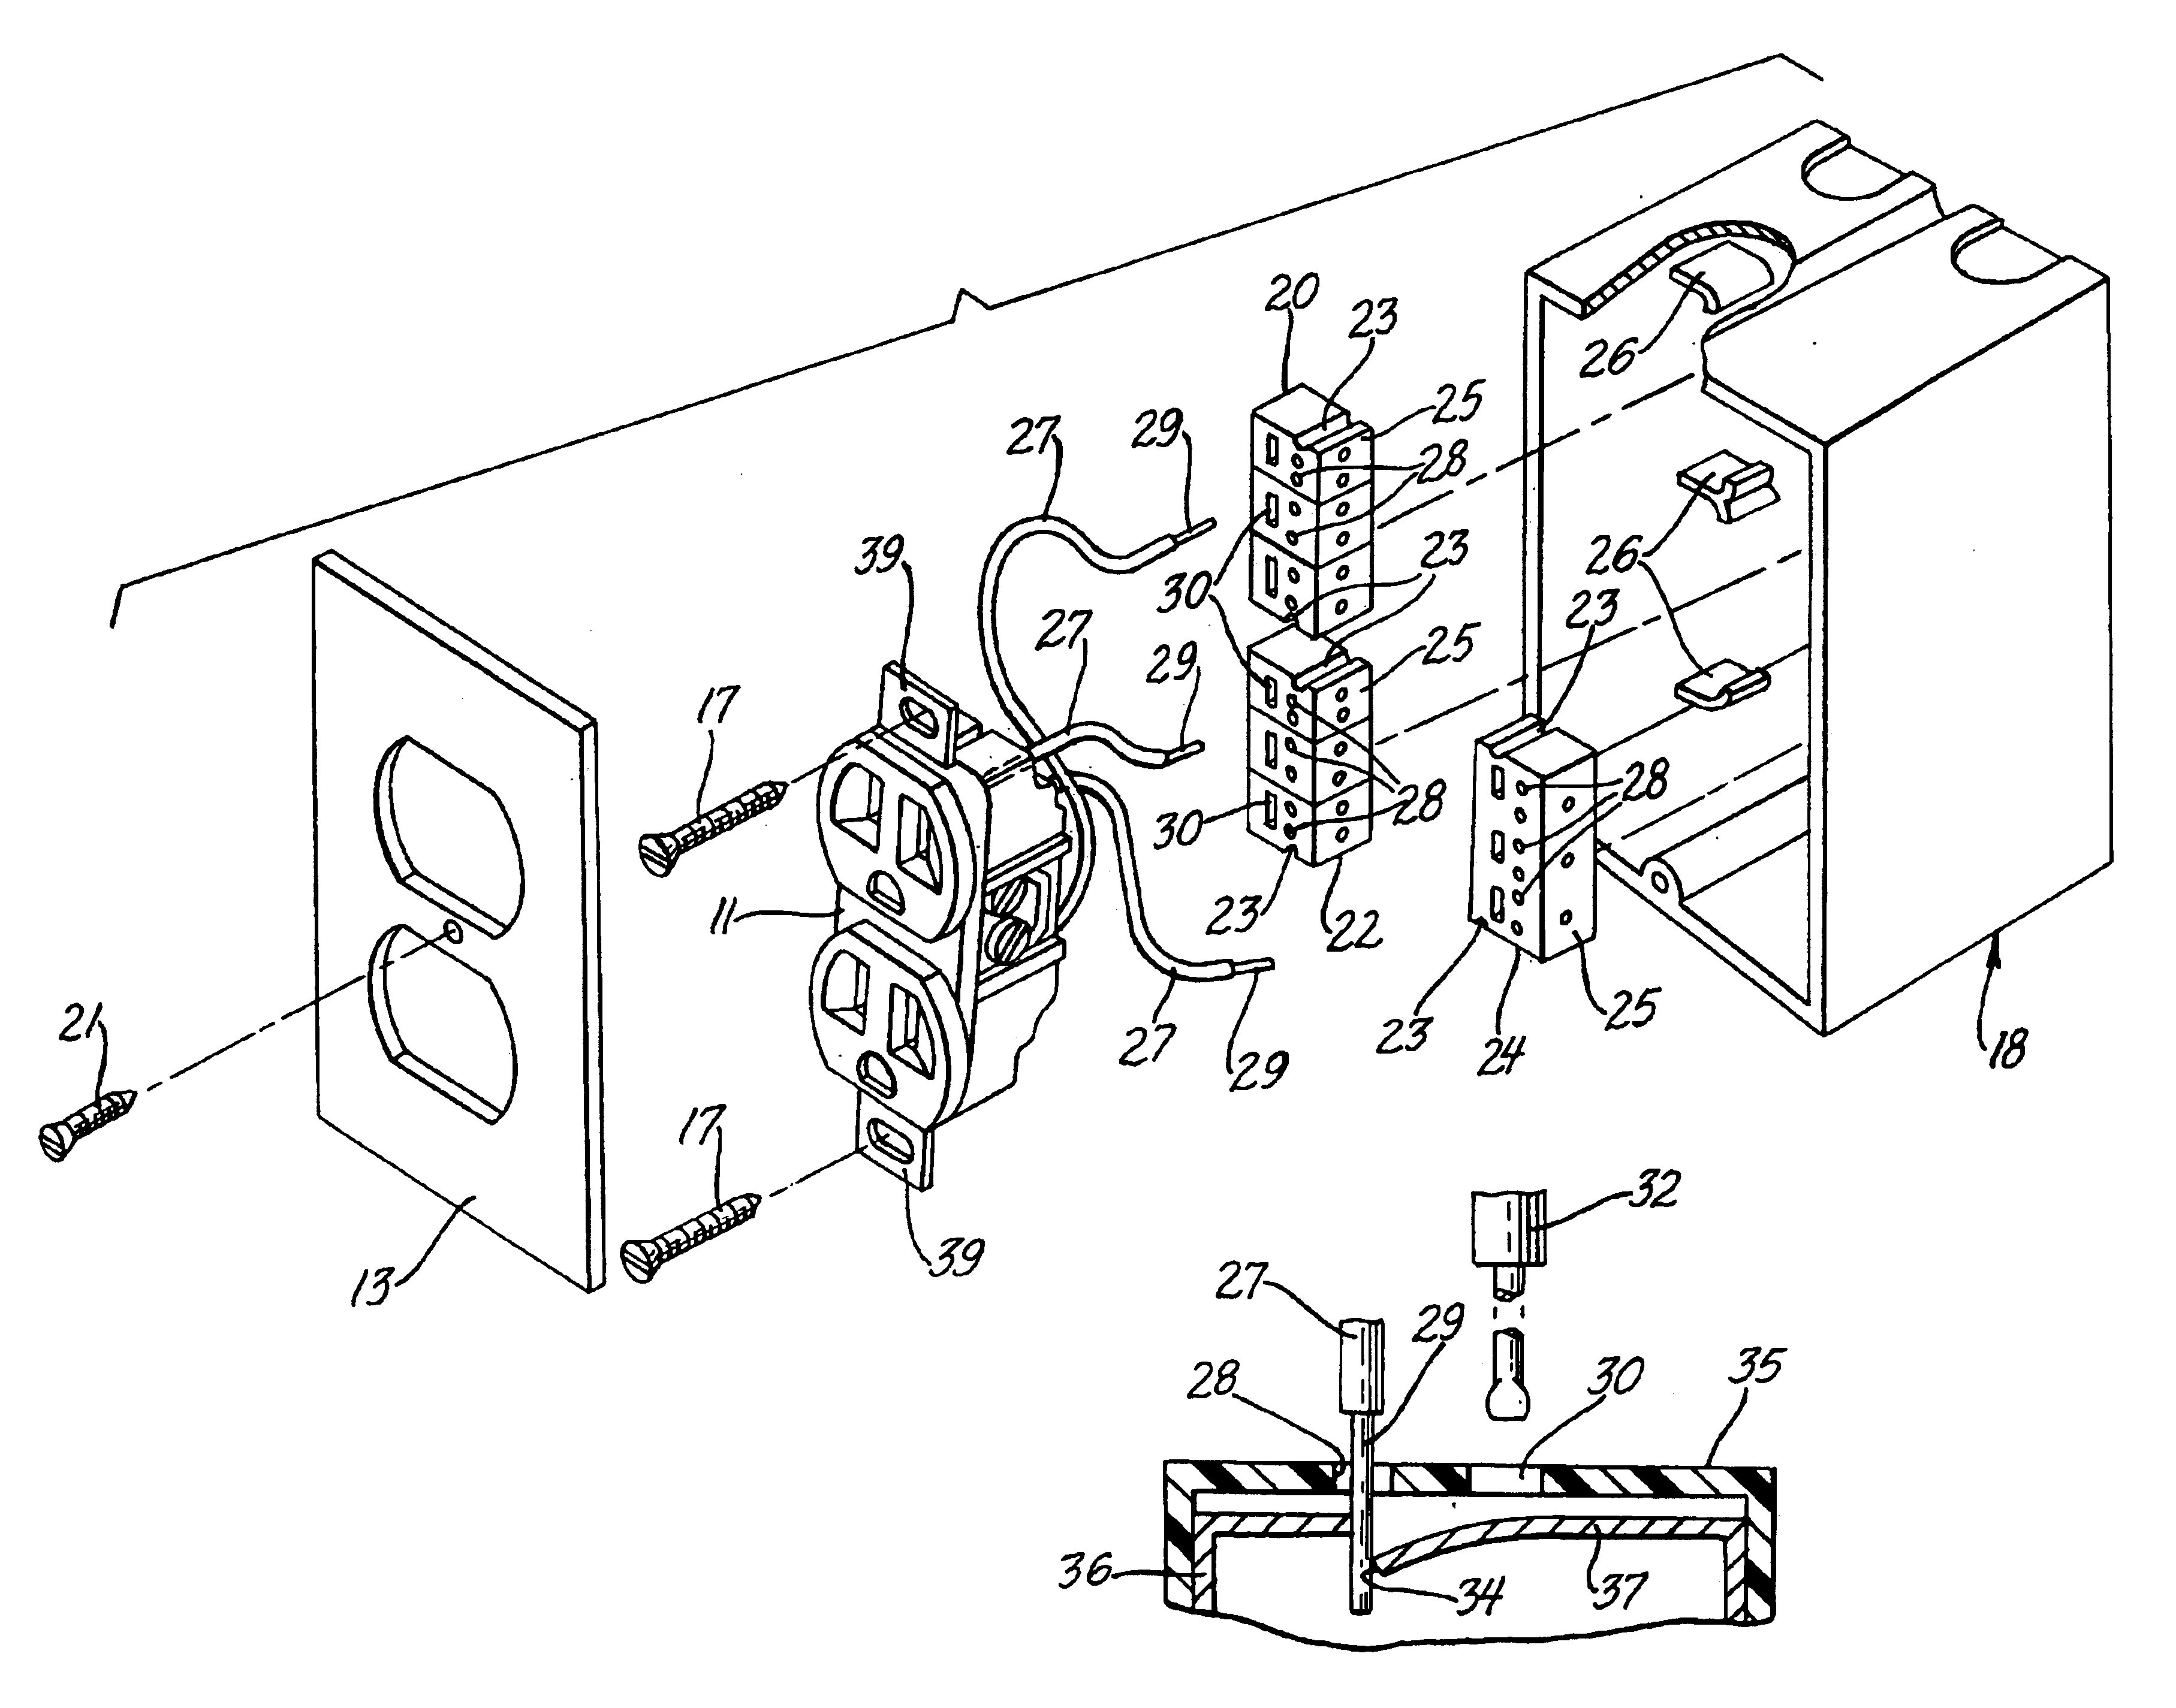 patent us6786766